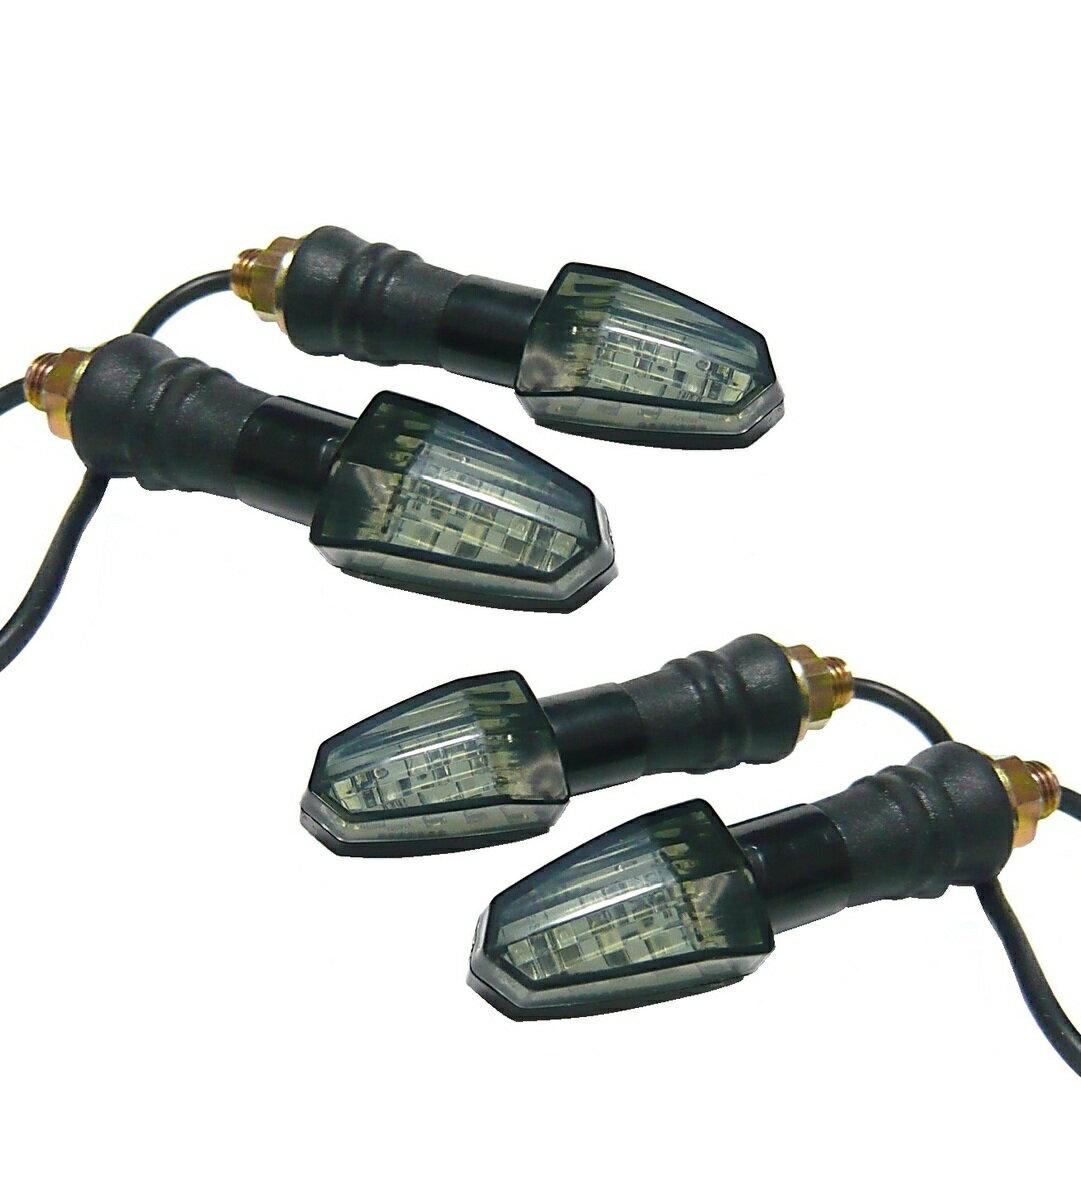 ライト・ランプ, ウインカー 9SMD LED 4